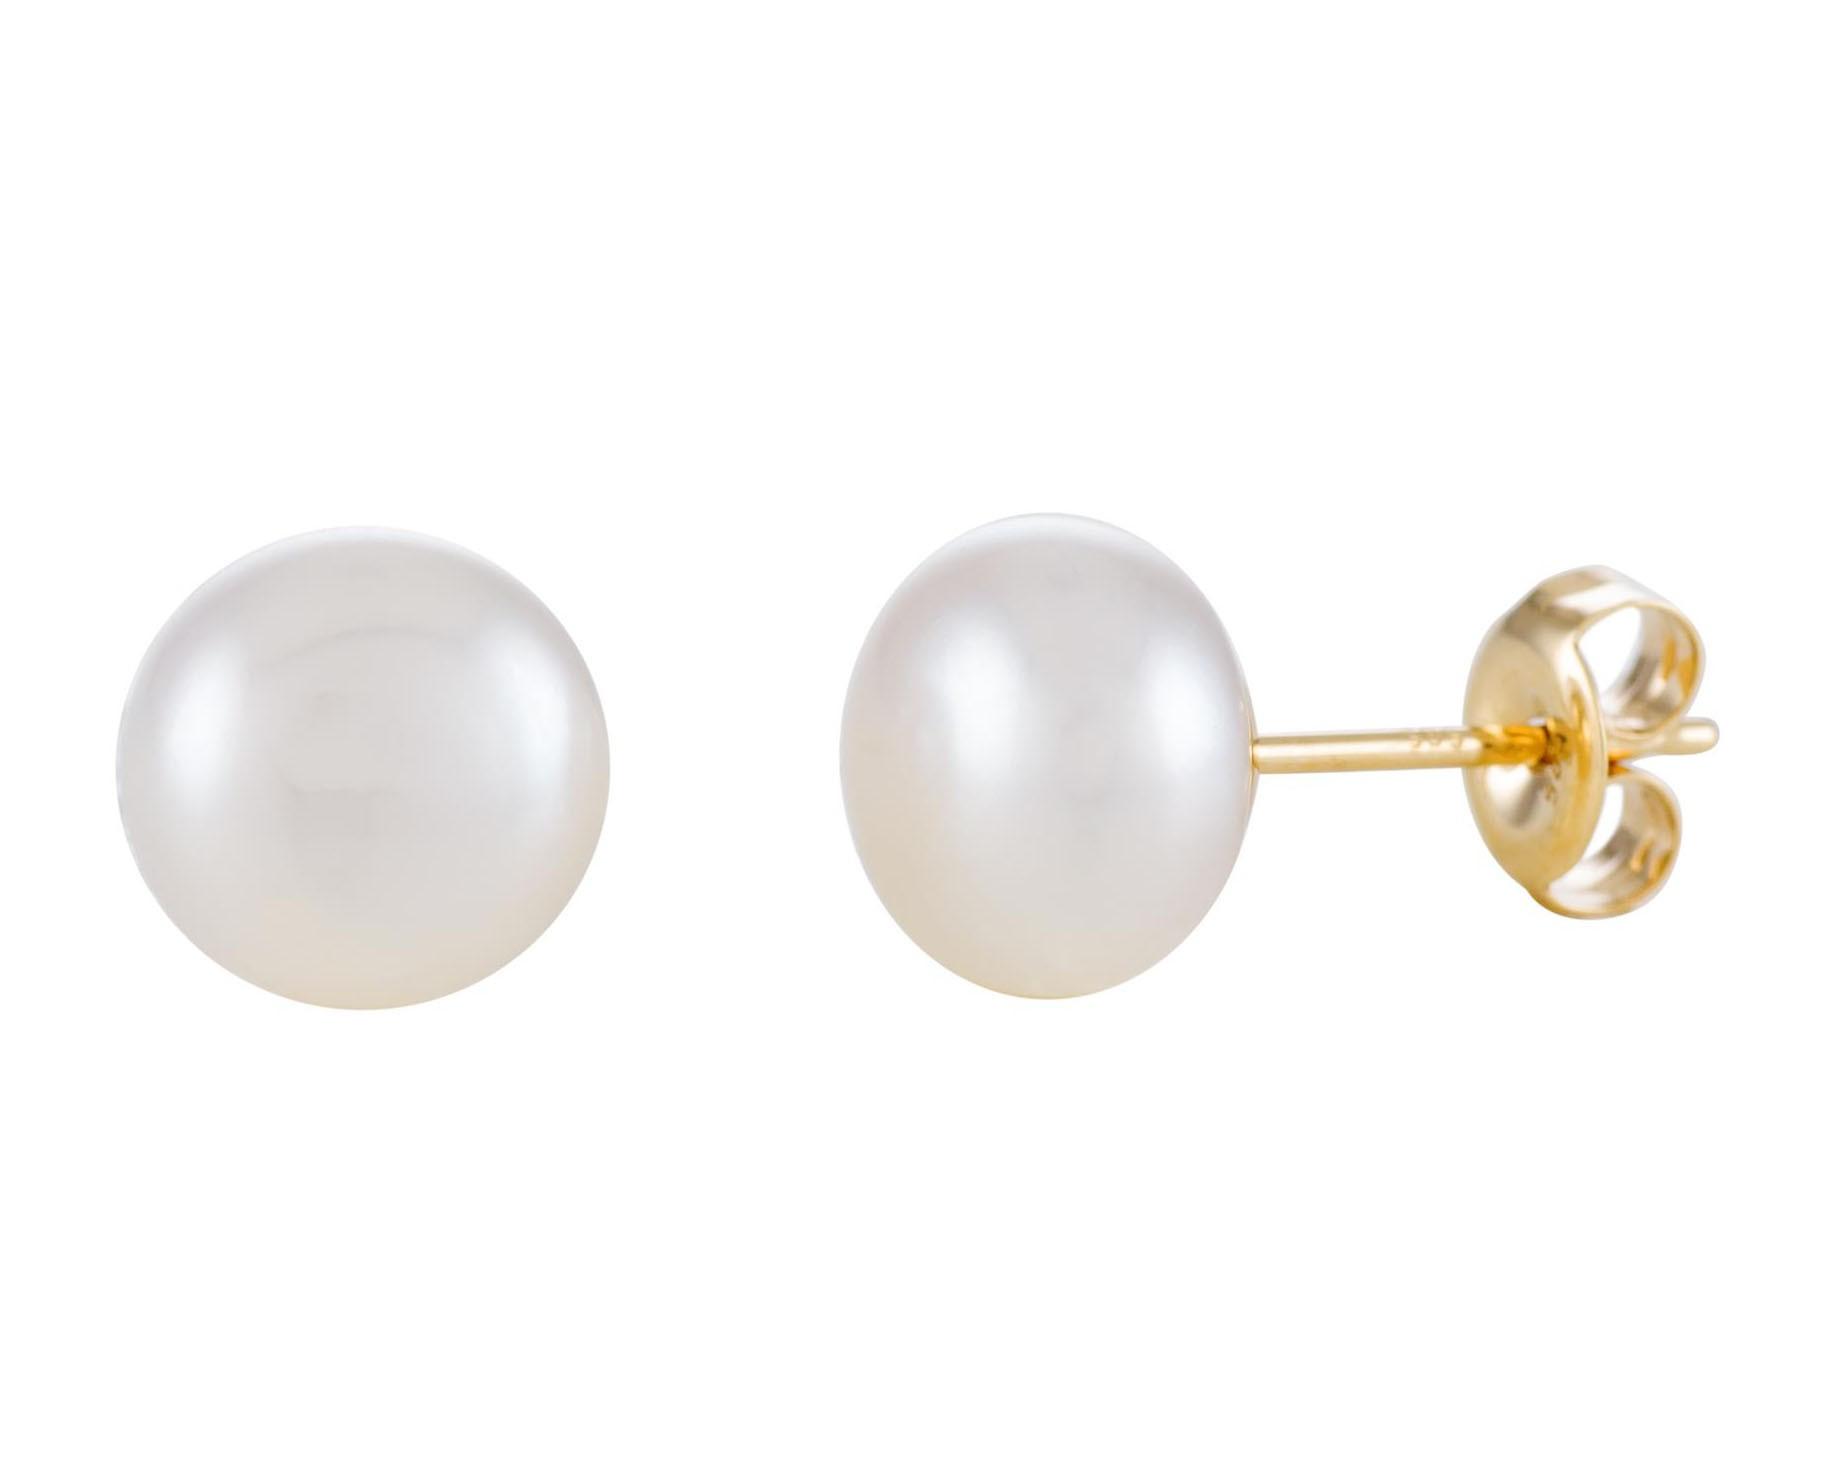 Glow Gouden Oorbellen button met zoetwaterparel 8 mm 206.0304.80